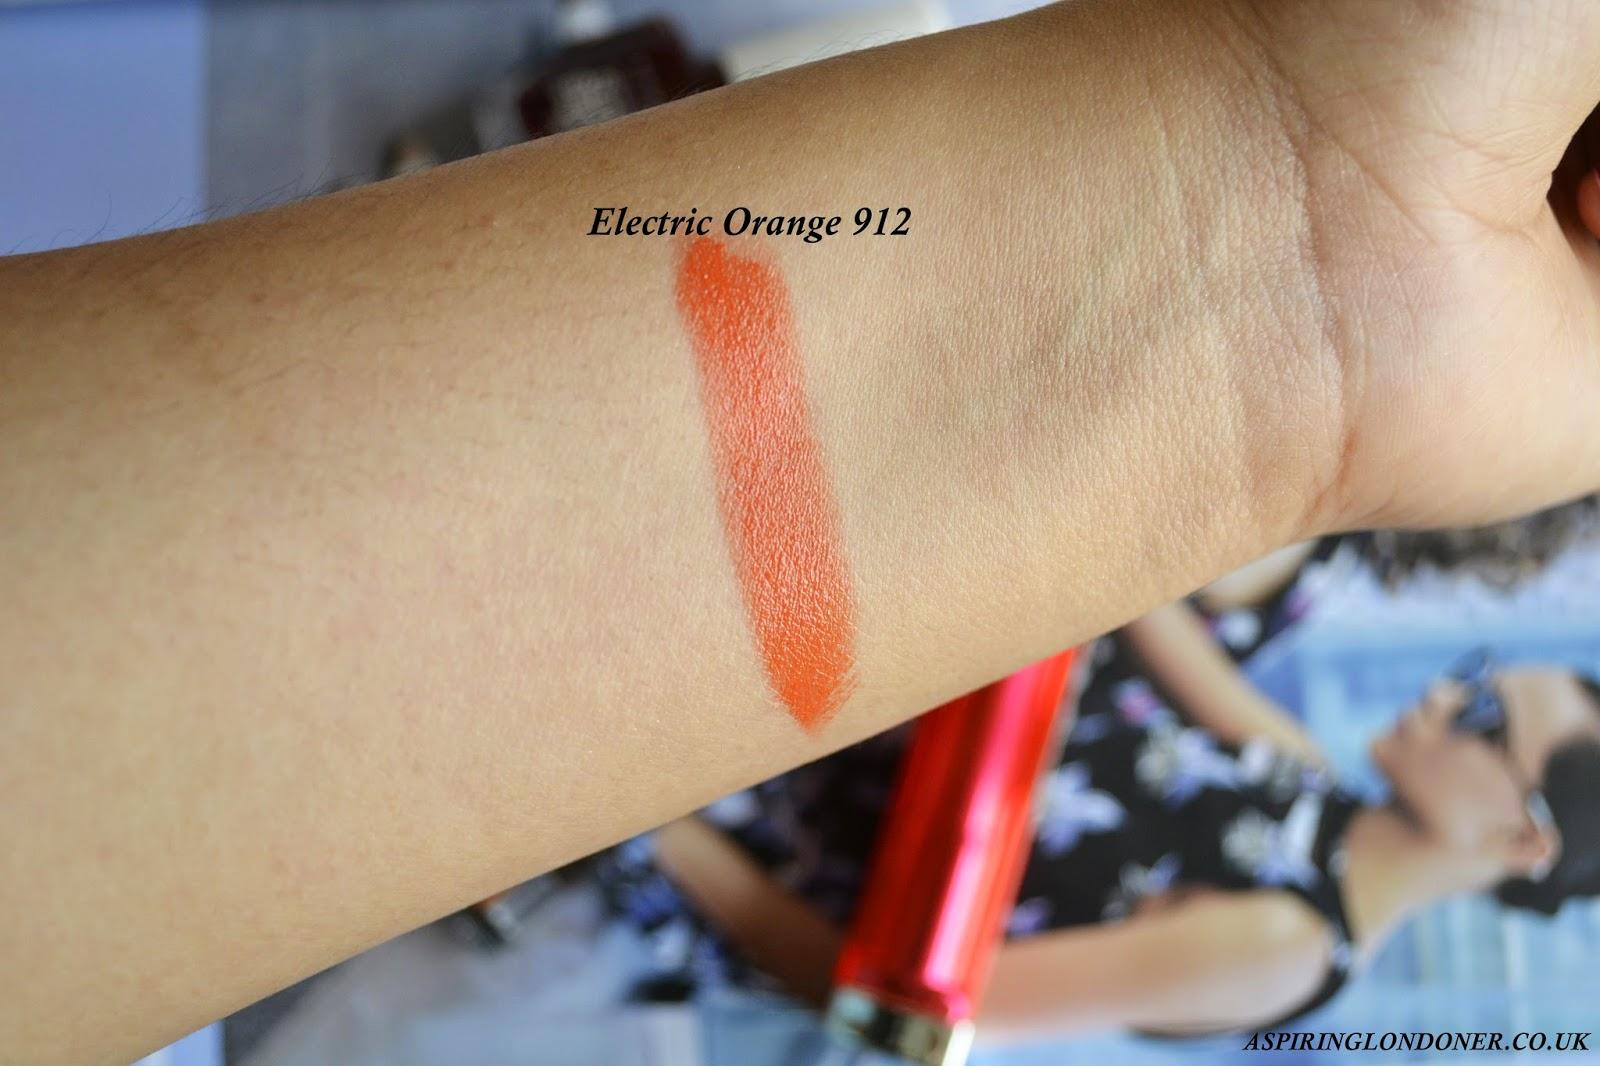 Maybelline Color Sensational Vivids Lipstick Electric Orange 912 Swatch - Aspiring Londoner